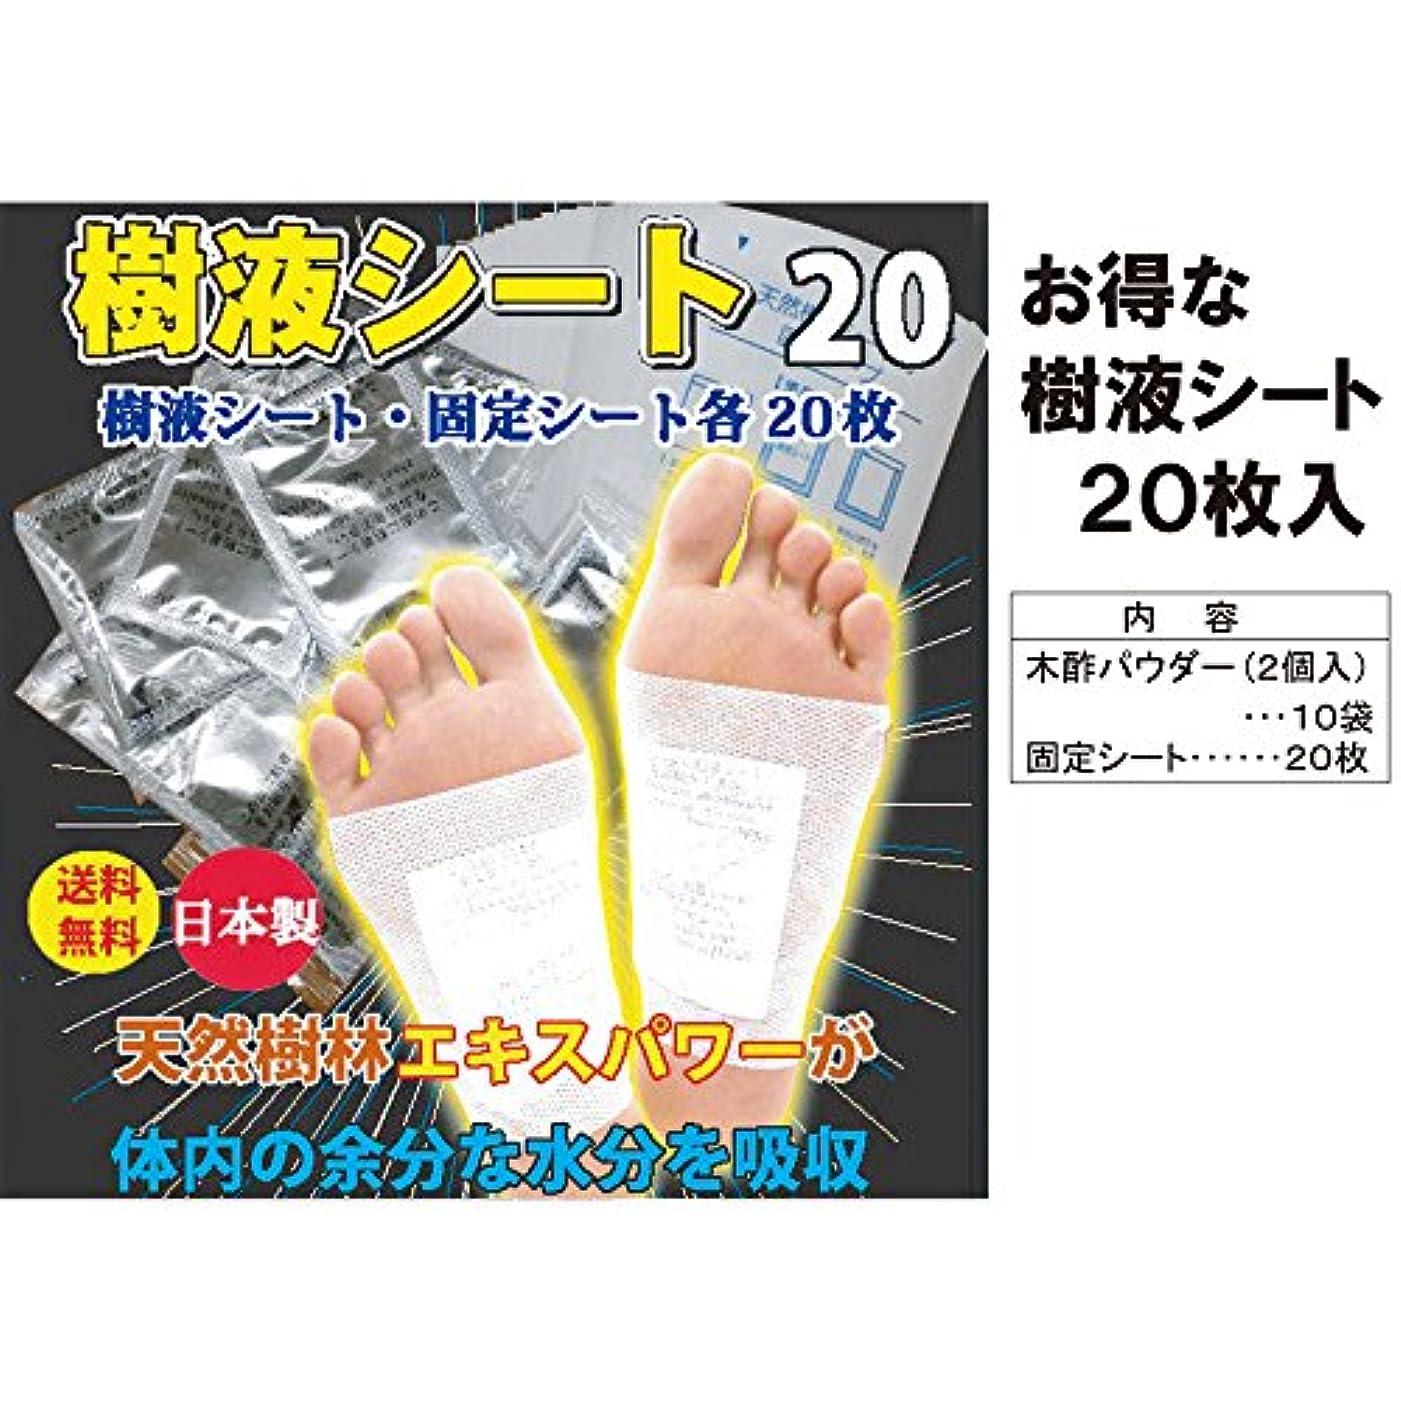 挑発する価格瞑想的M&Sジャパン 日本製 足裏樹液シート 20枚 足裏 シート デトックス お徳用 健康 グッズ 足ツボ